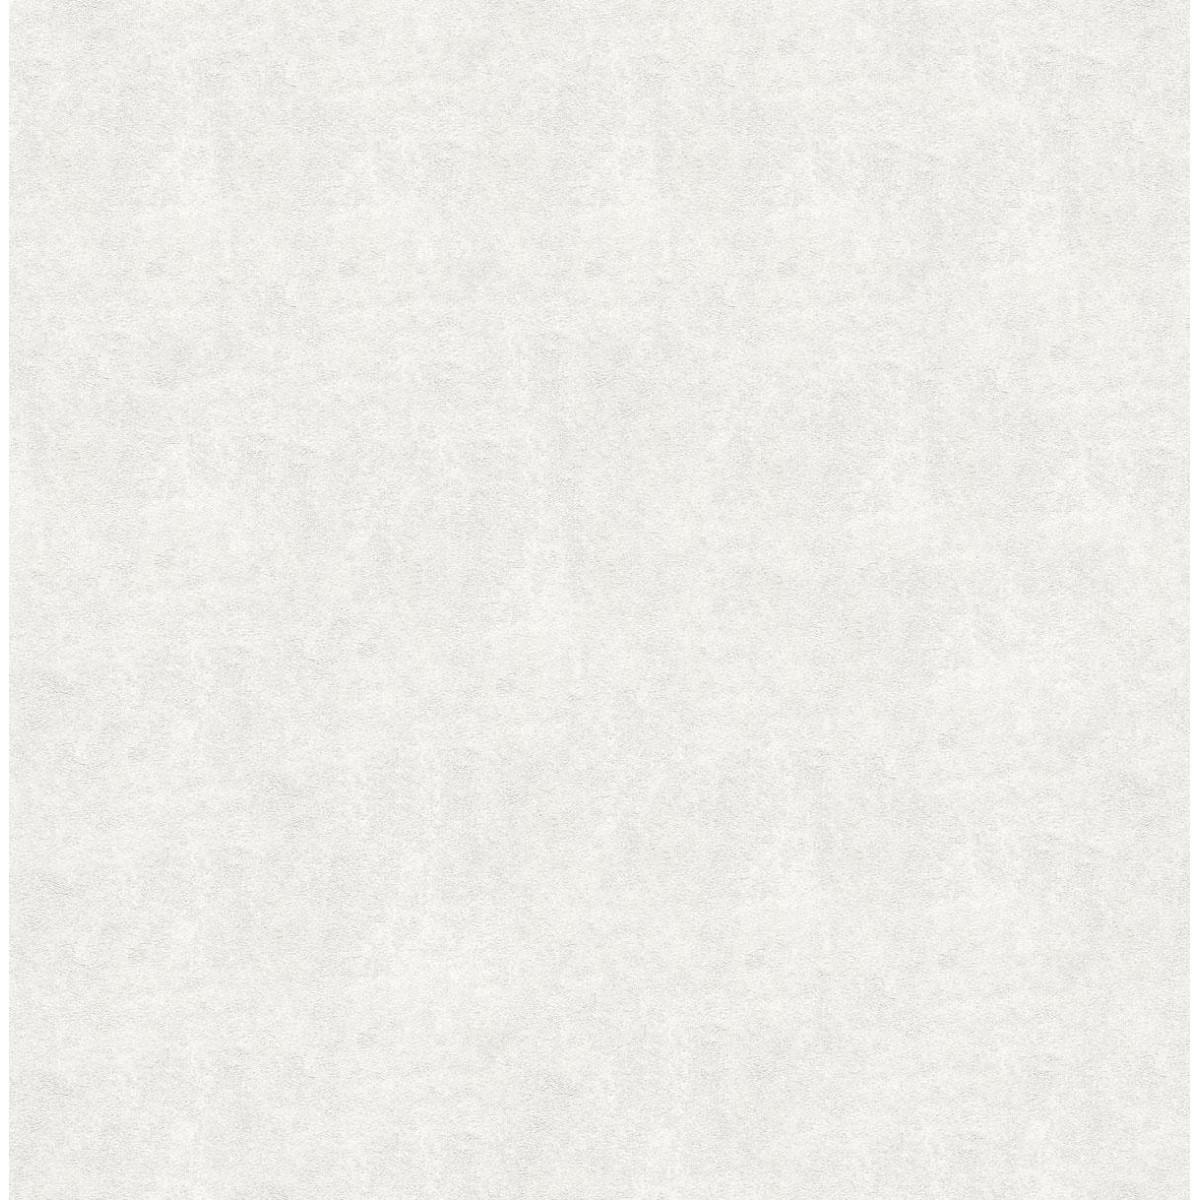 Обои флизелиновые Мир Авангард серые 1.06 м 45-212-04